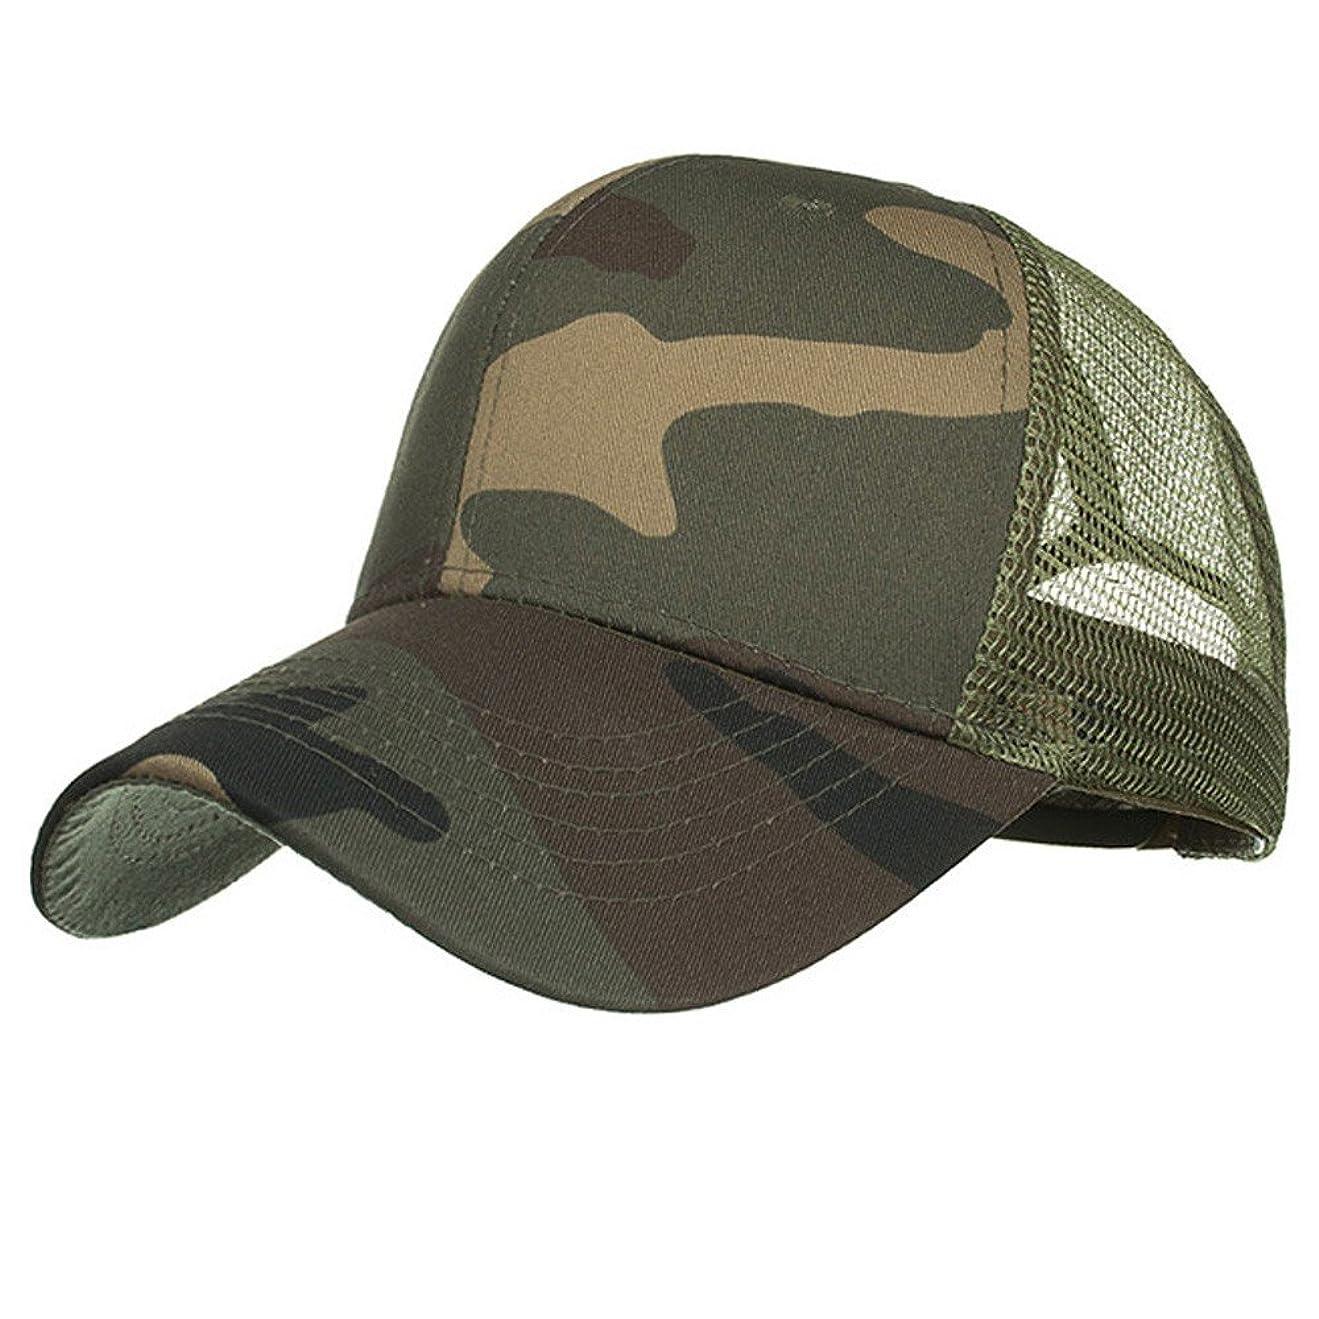 シーフード章レイプRacazing Cap 迷彩 野球帽 メッシュステッチ 通気性のある 帽子 夏 登山 可調整可能 刺繍 棒球帽 UV 帽子 軽量 屋外 Unisex Hat (A)